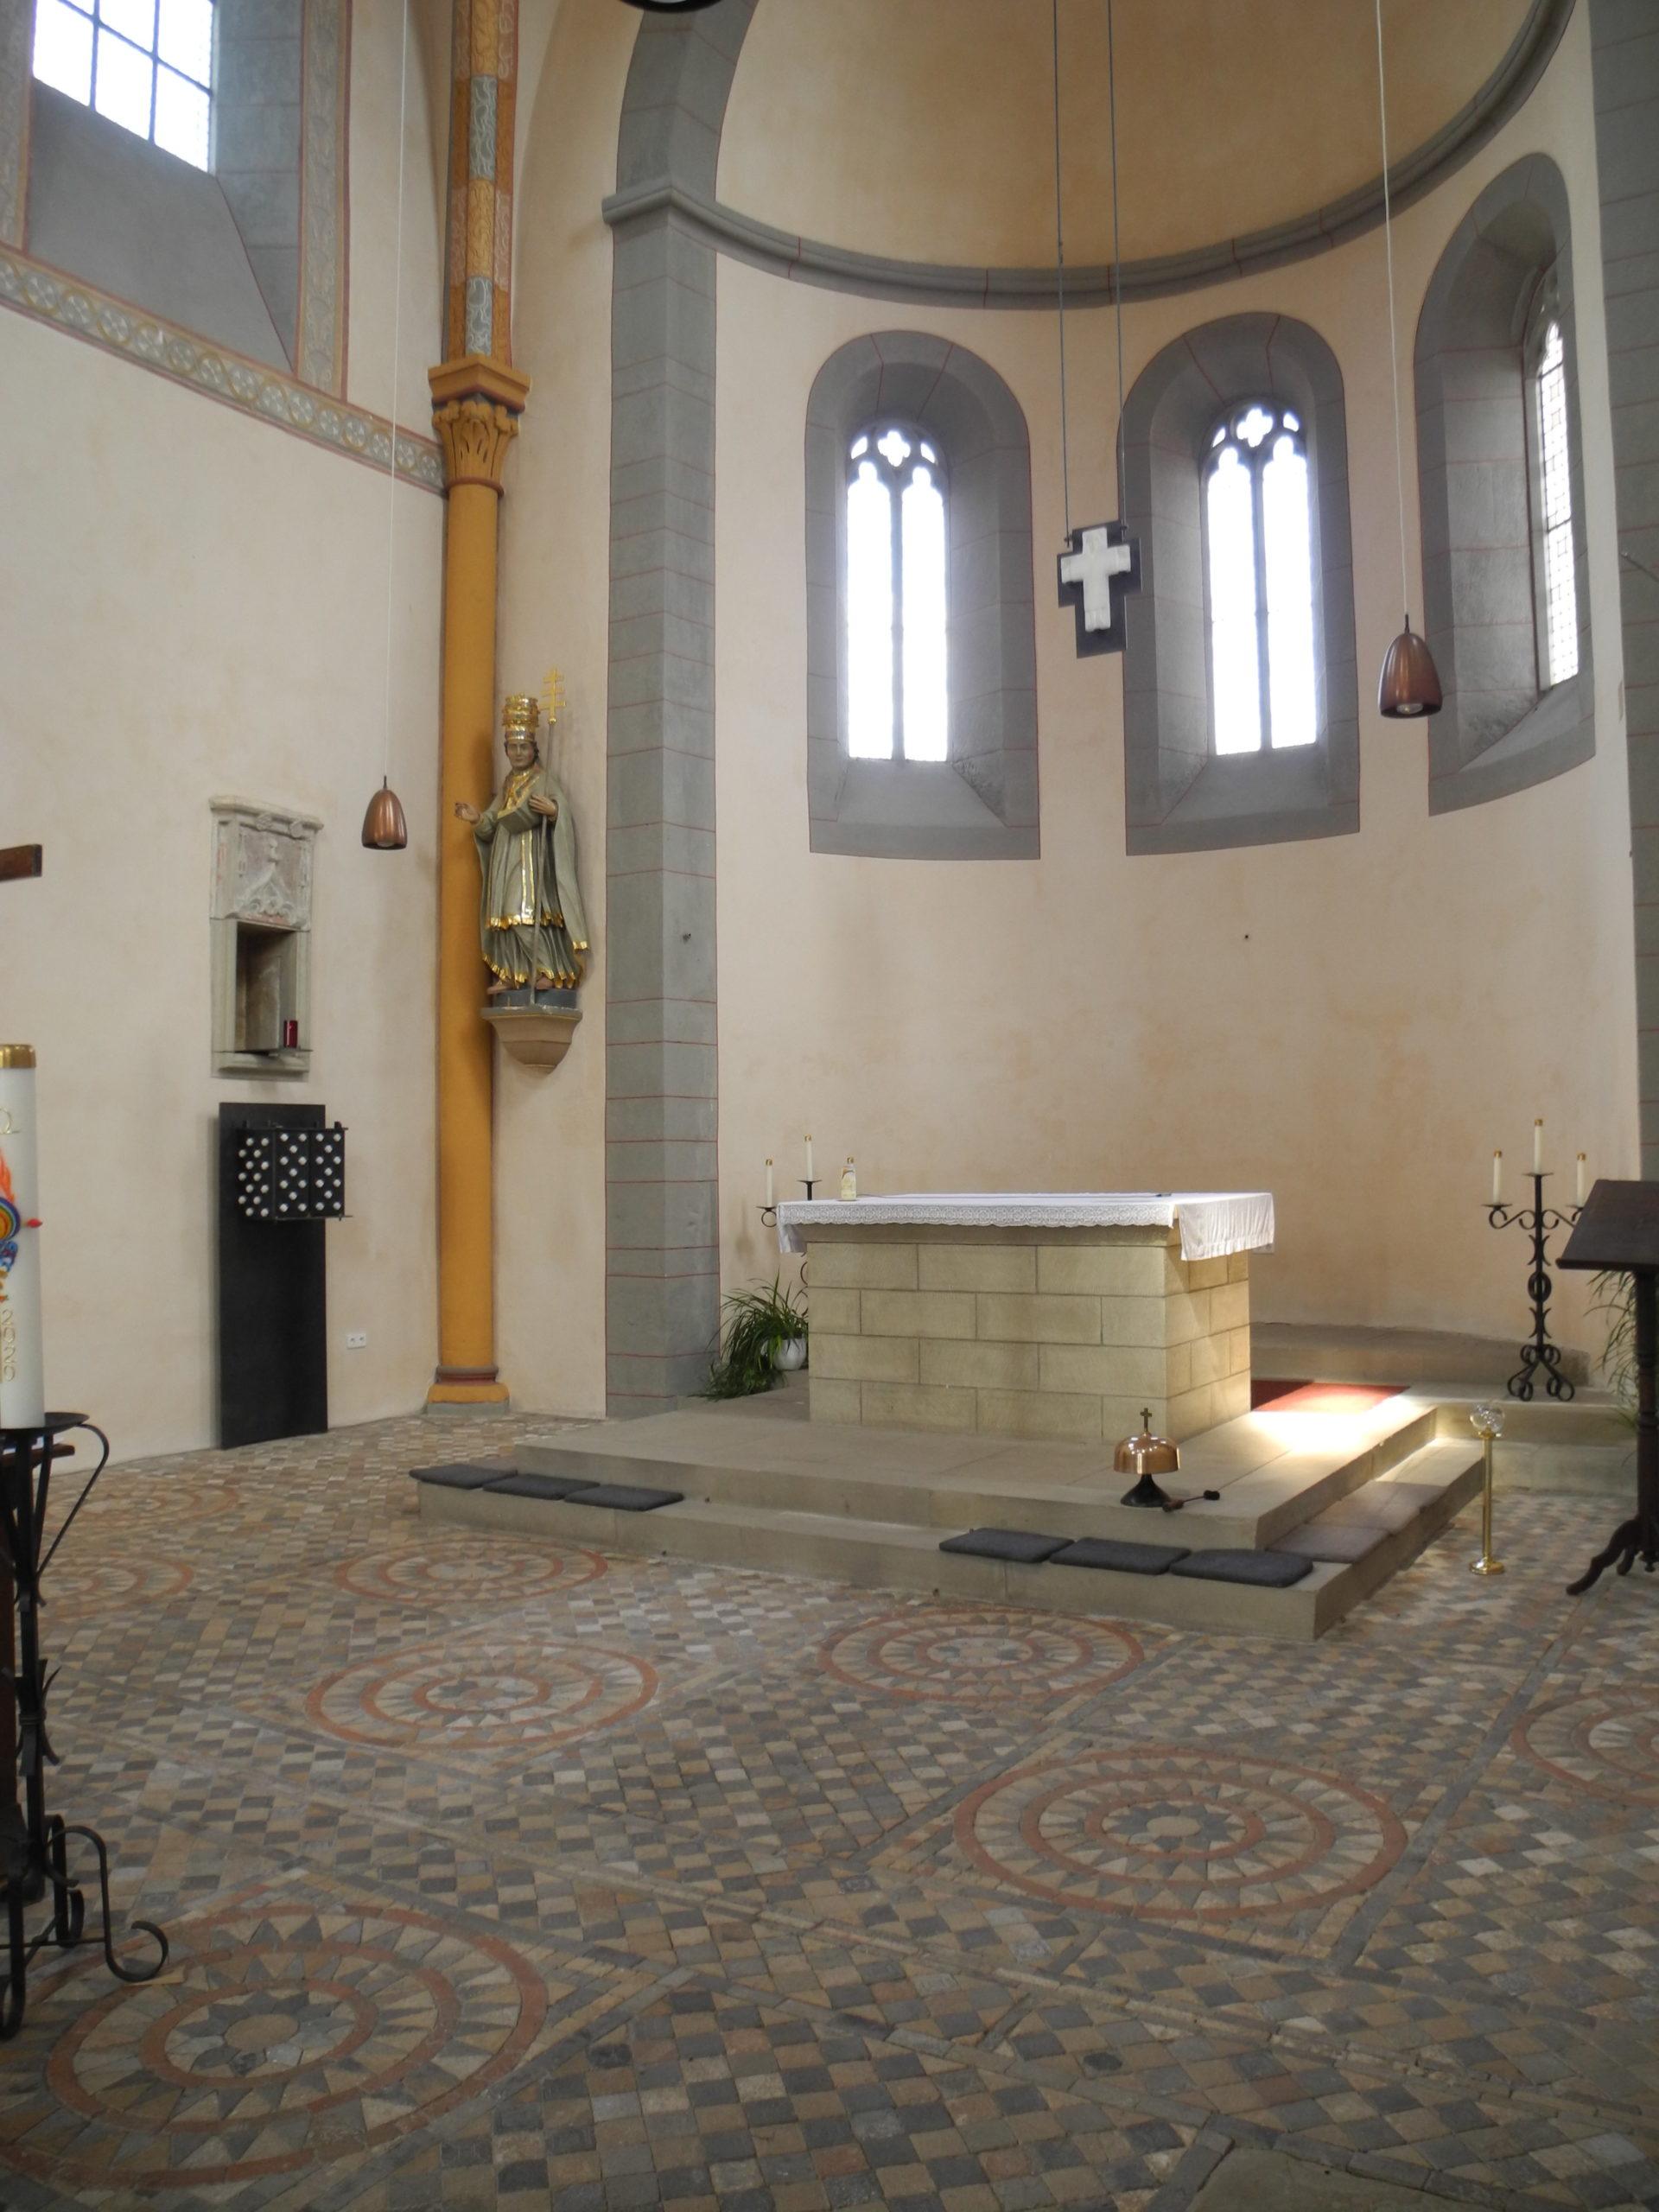 Altarraumgestaltung, Klosterkirche Sponheim, 2020